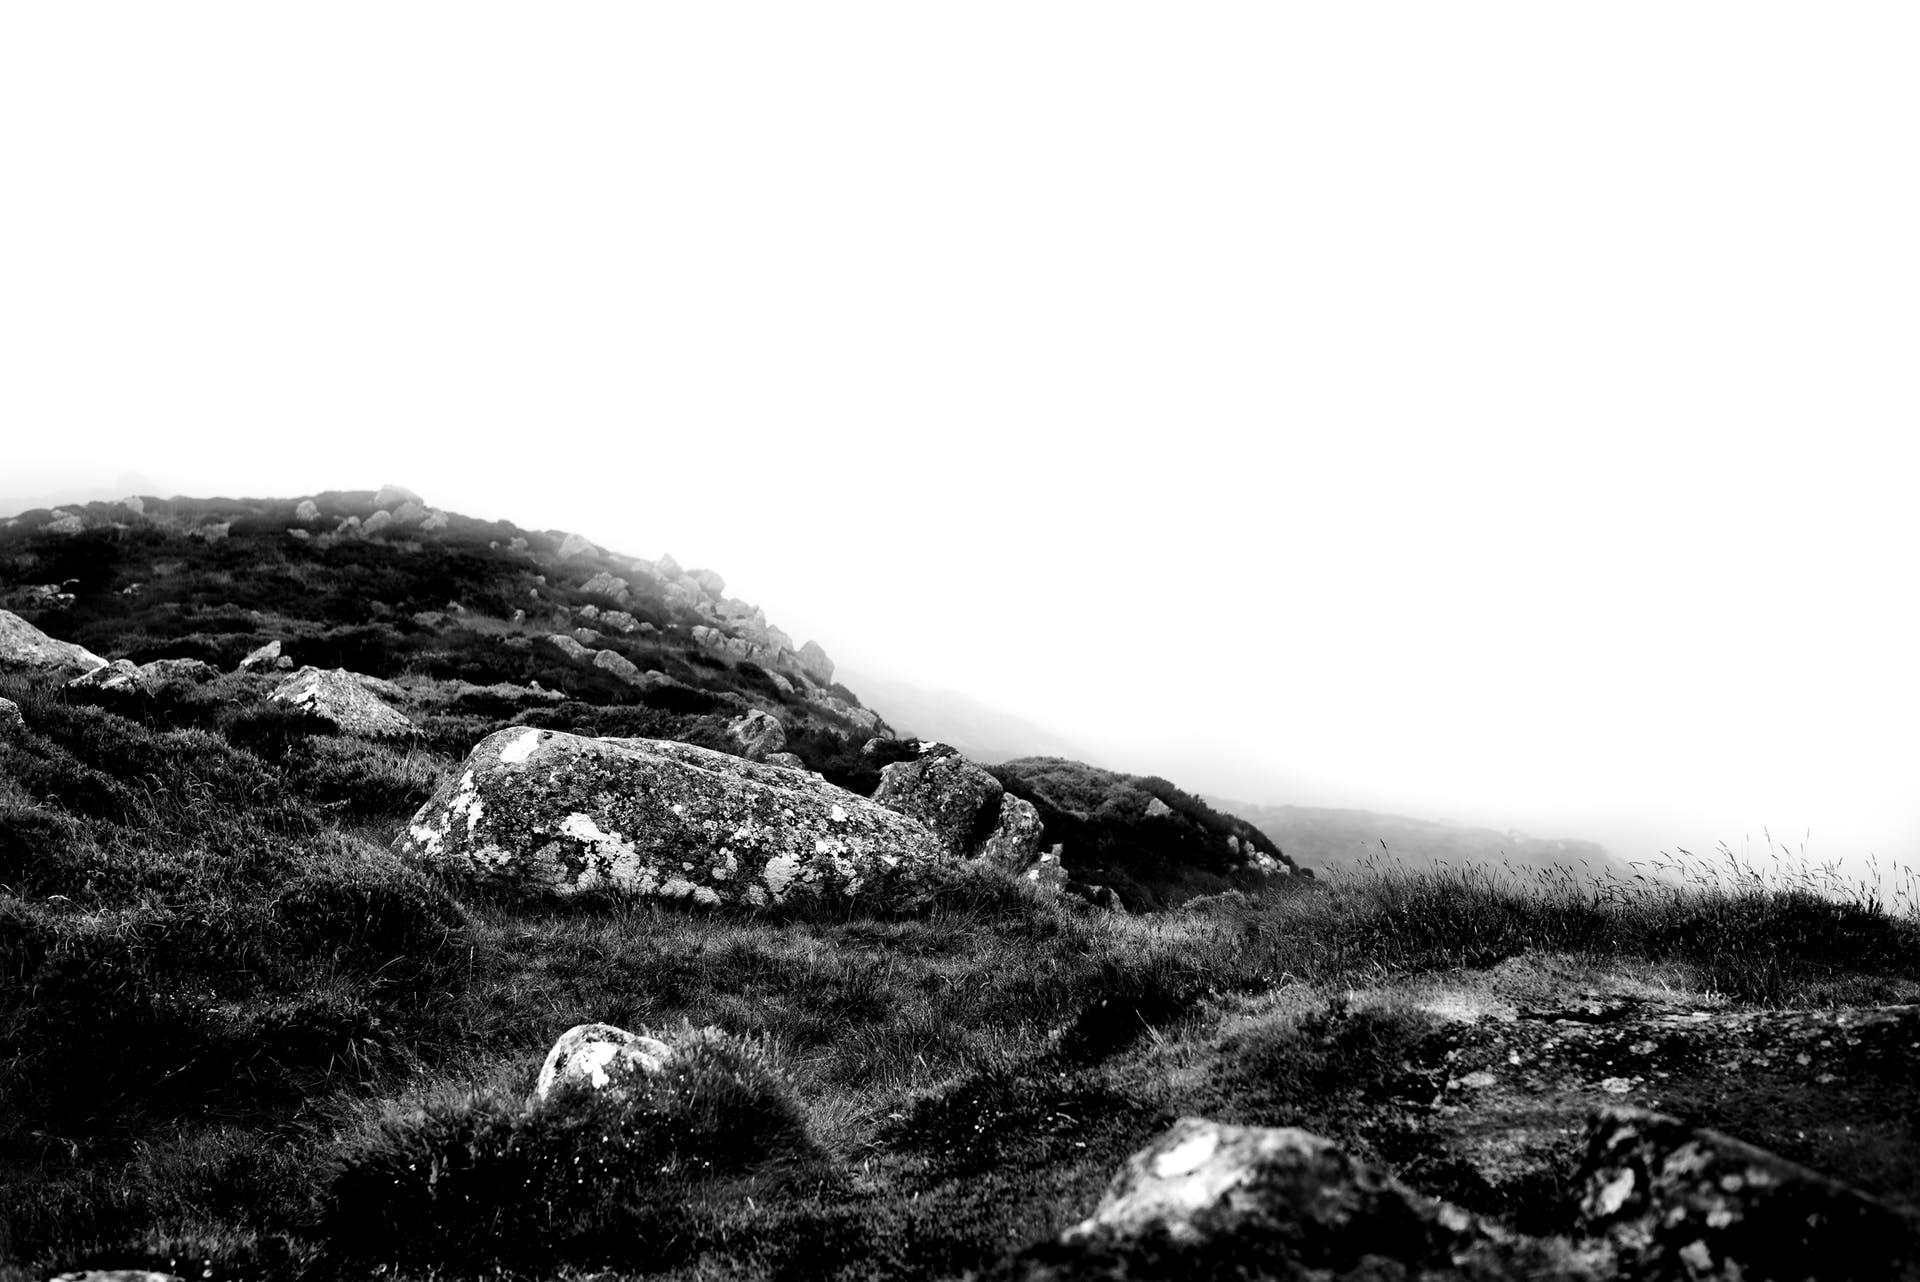 nature snowdon north wales landscape wales travel destination foggy landscape